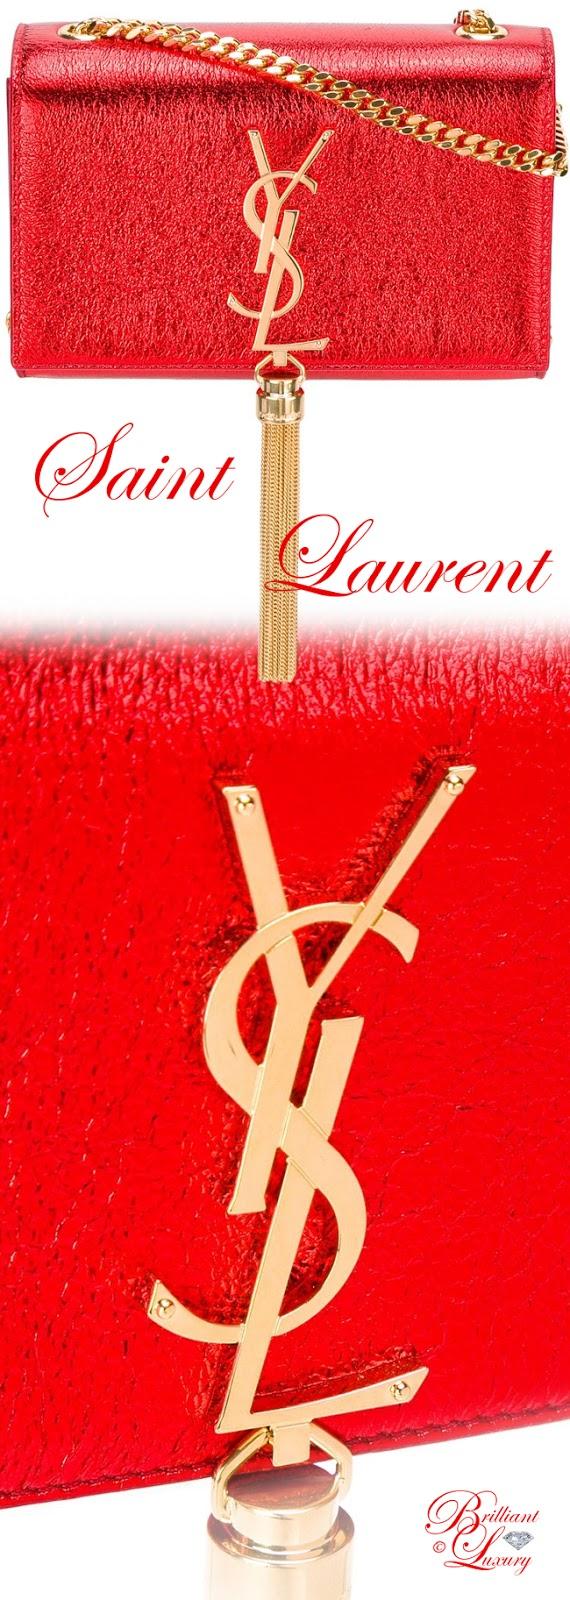 Brilliant Luxury ♦ Saint Laurent Small Monogram Kate Tassel Satchel Bag